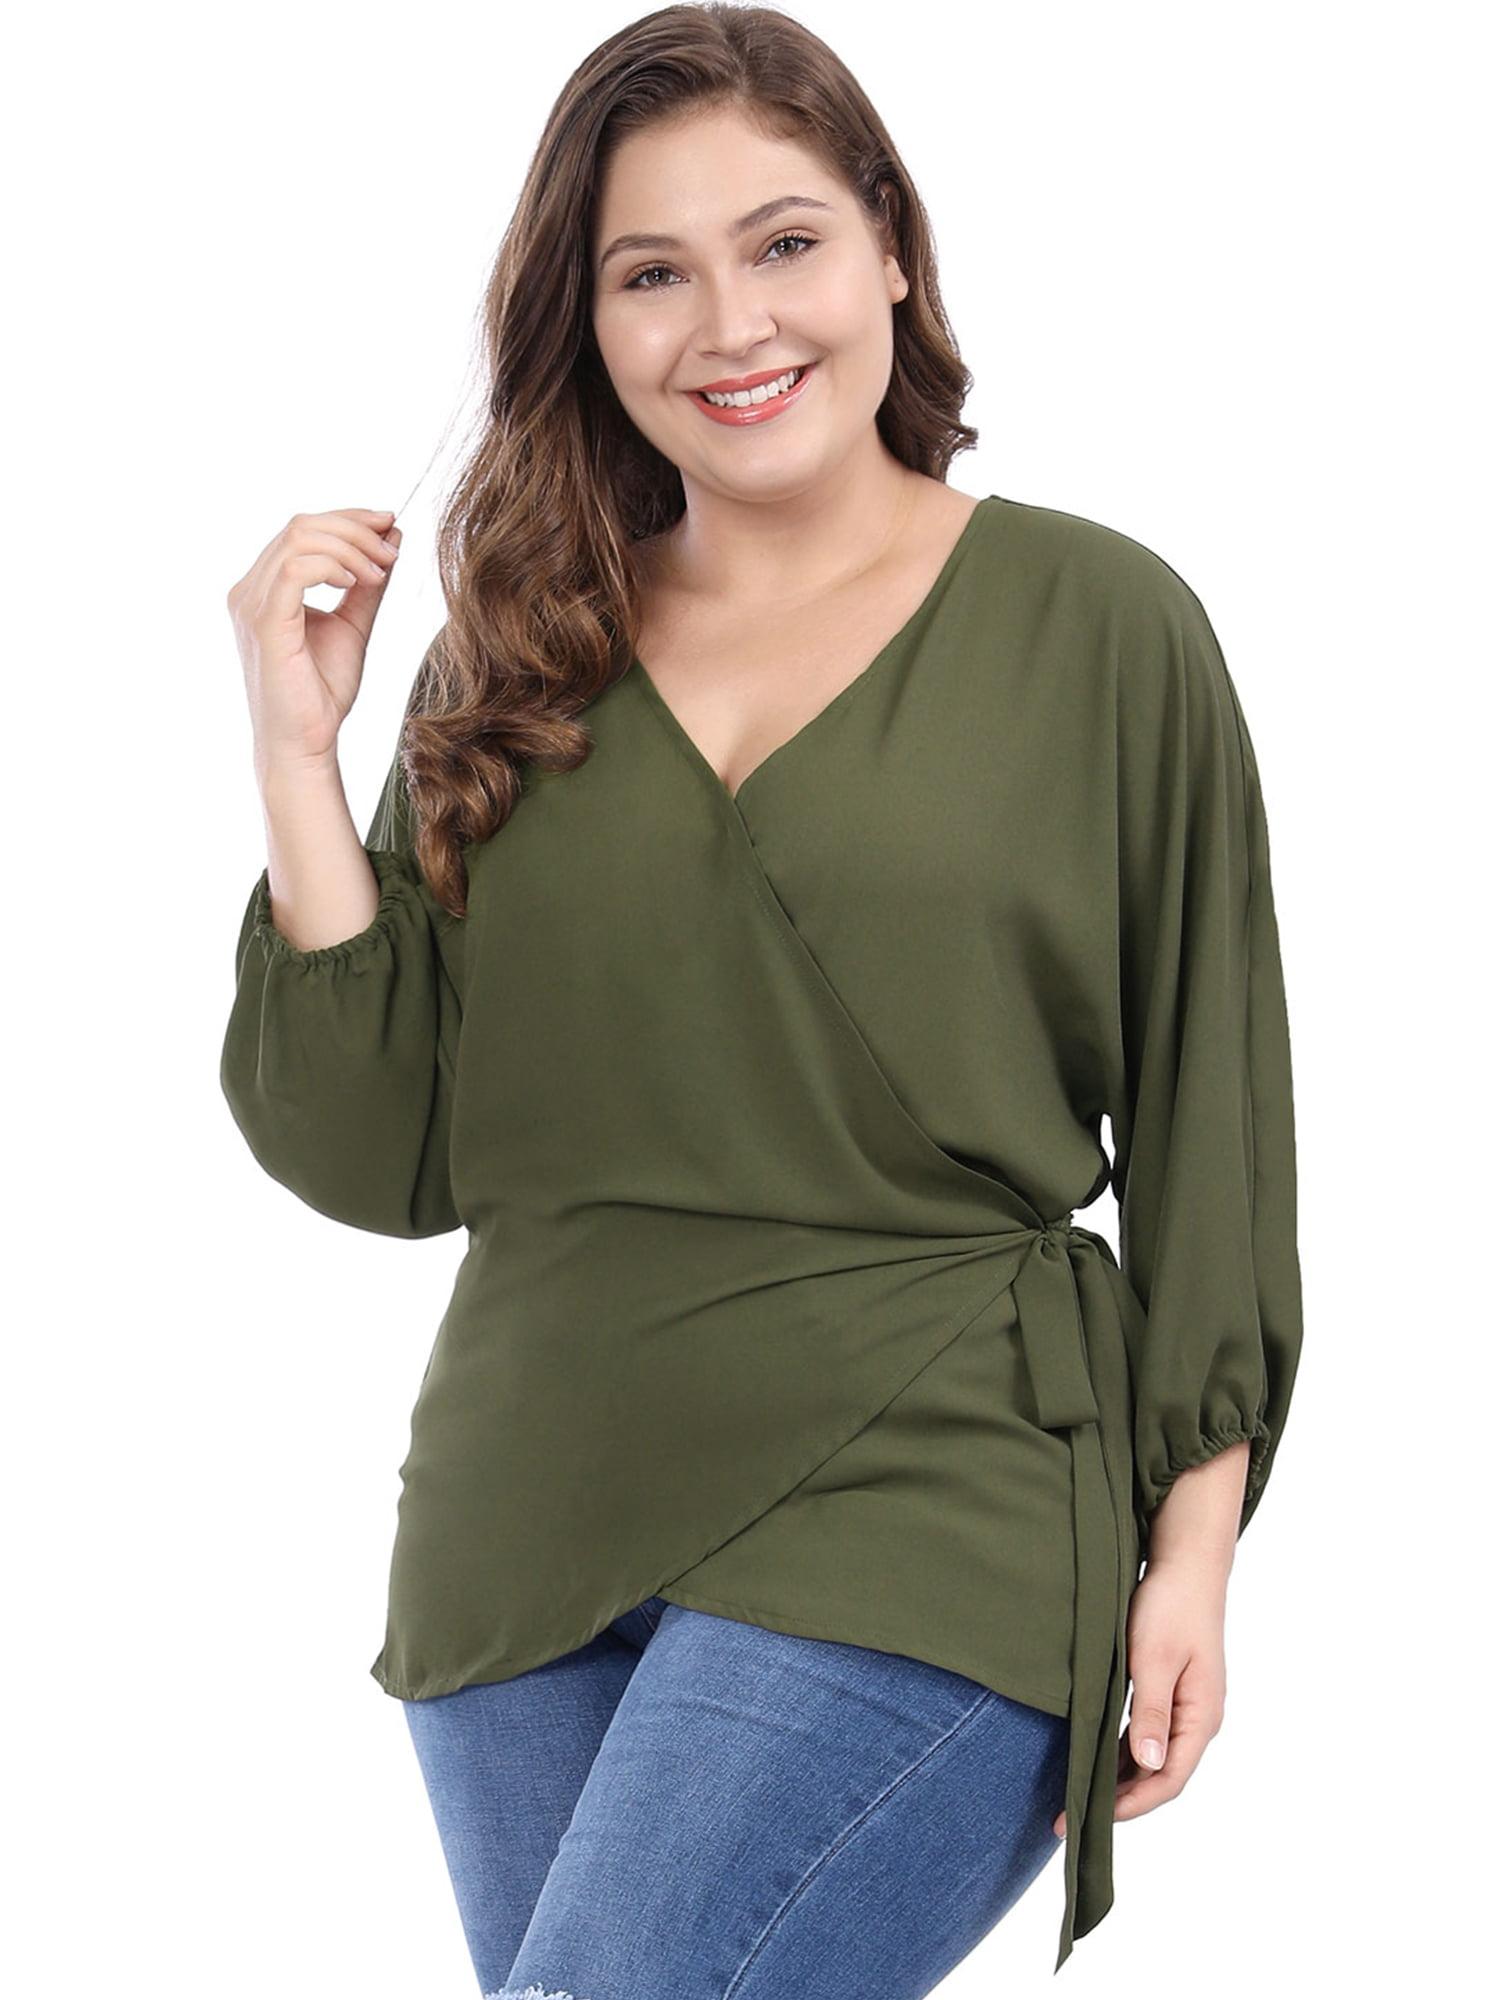 a6e6ce68b59846 Unique Bargains - Women's Plus Size V-neck Batwing Sleeves Self Tie Wrap  Chiffon Top Blouse Shirt Black 2X - Walmart.com